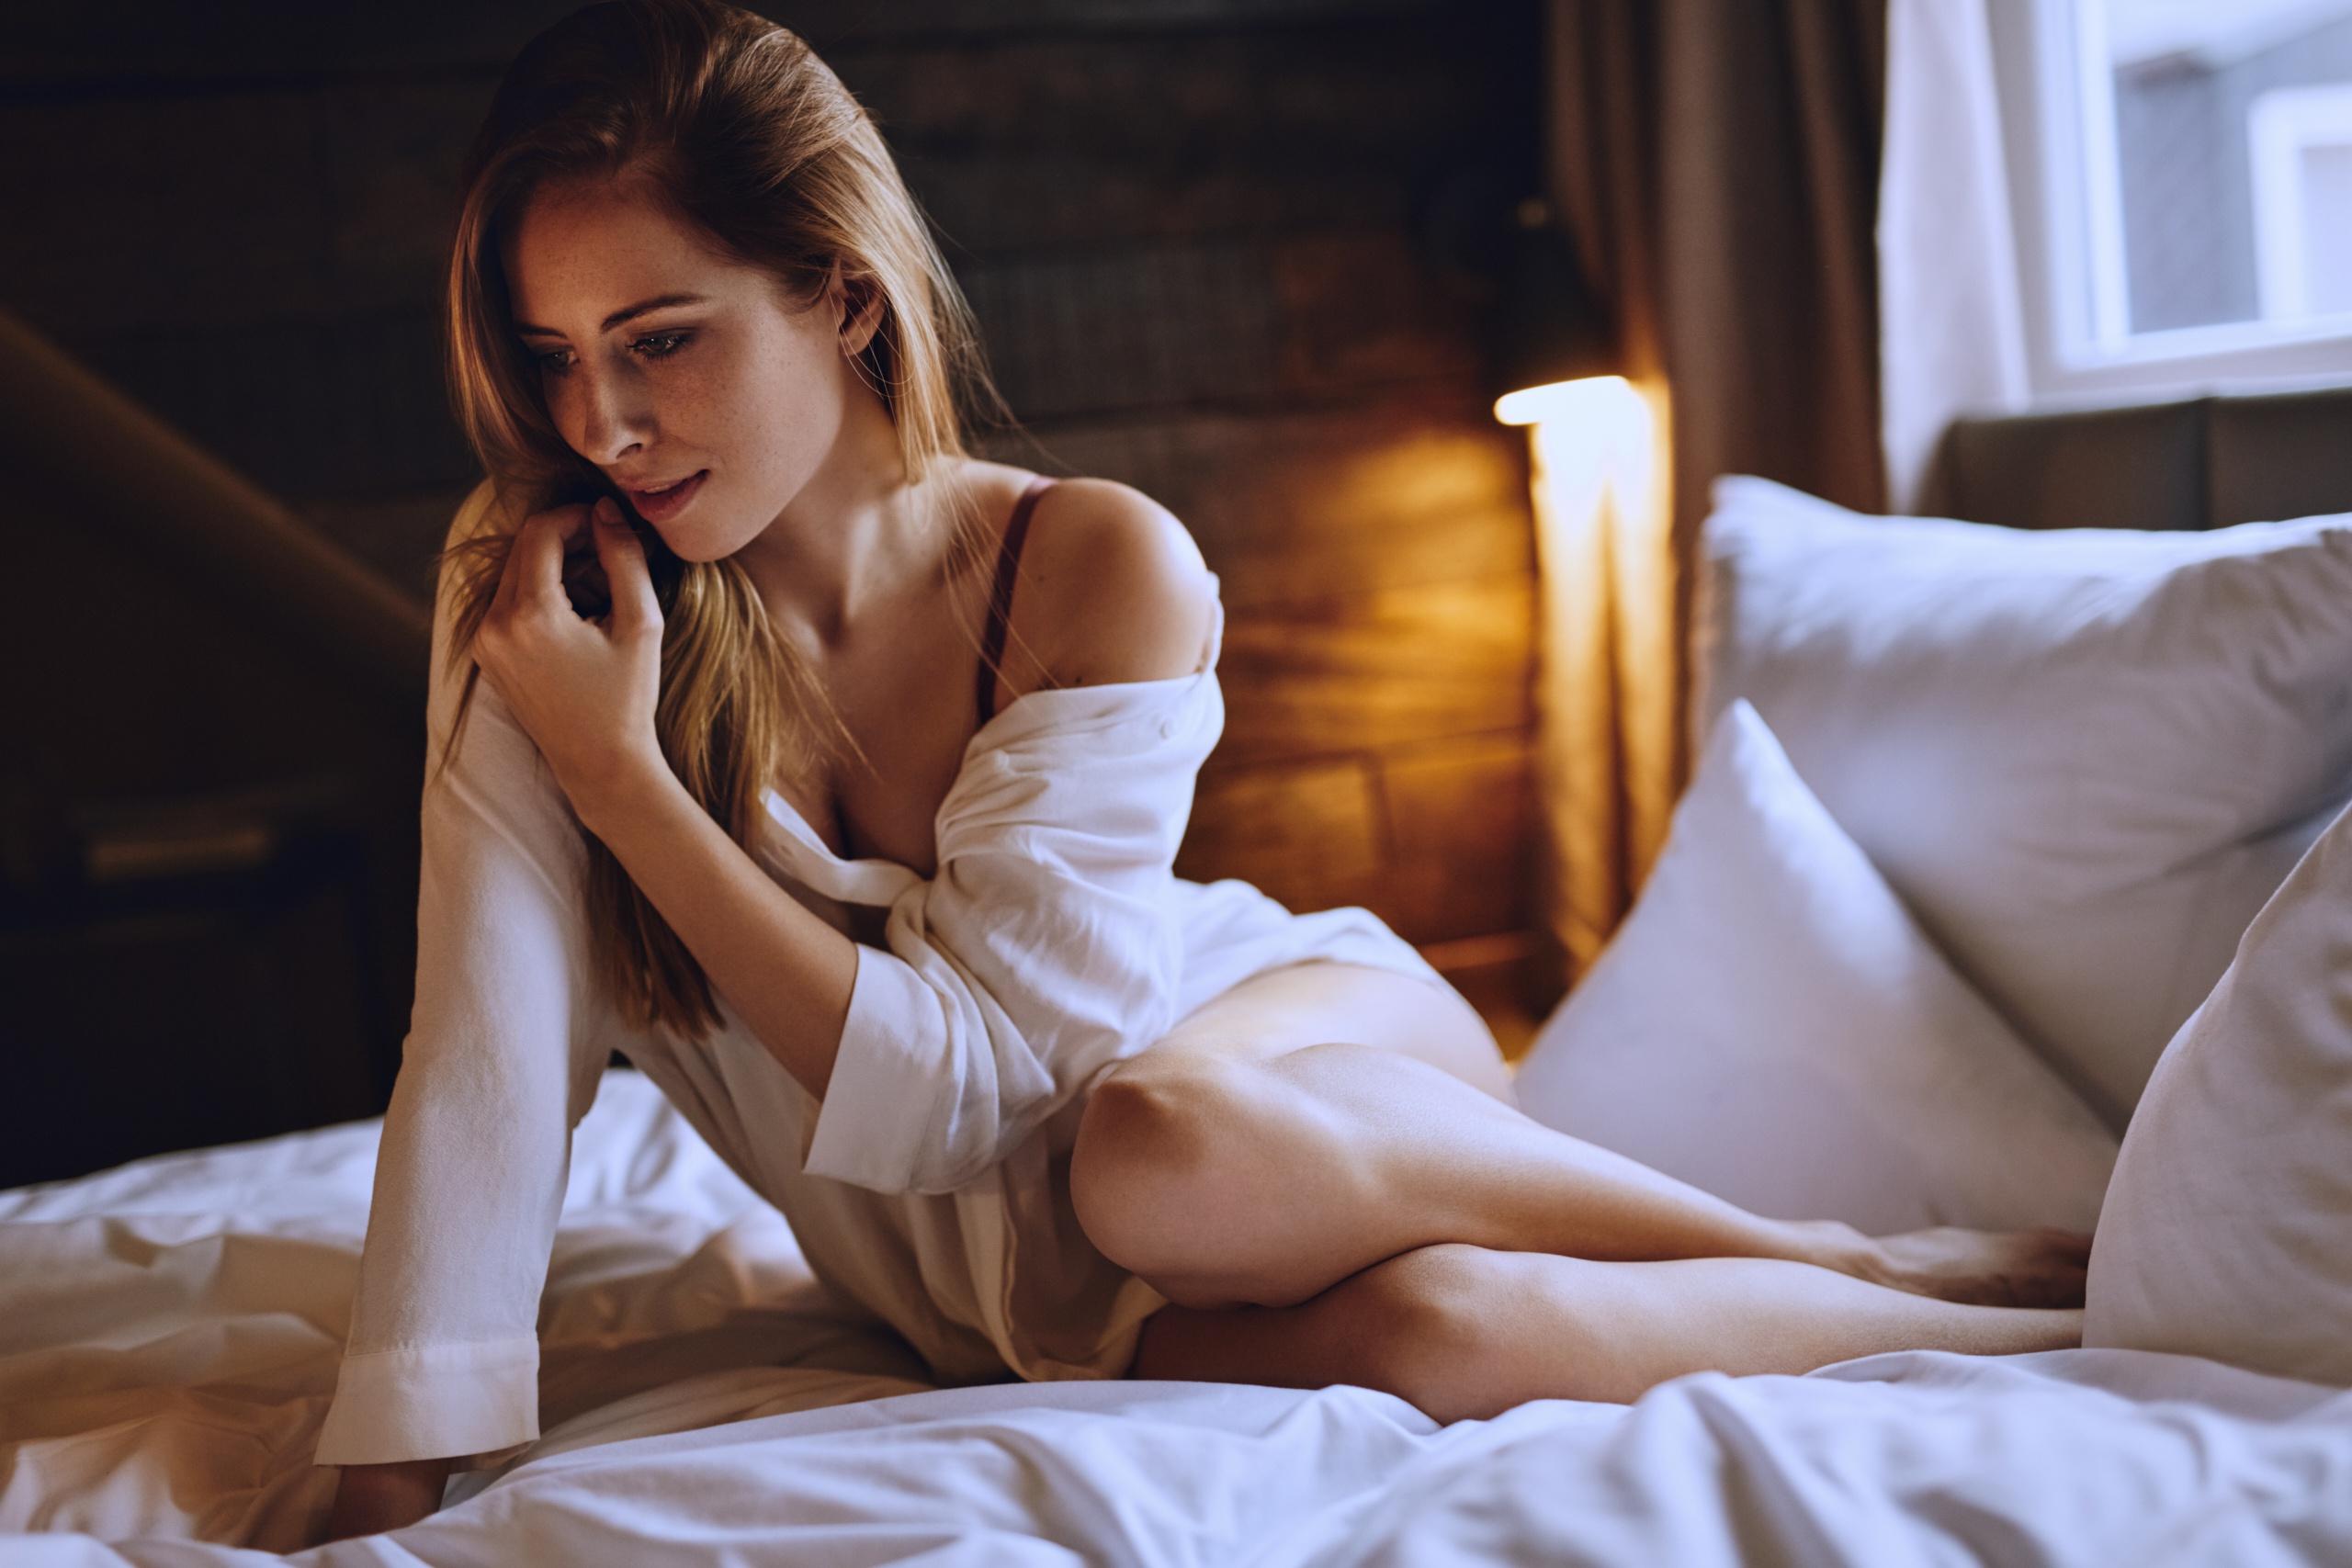 Фото с девушкой в постели, Фото красивых девушек в постели 4 фотография